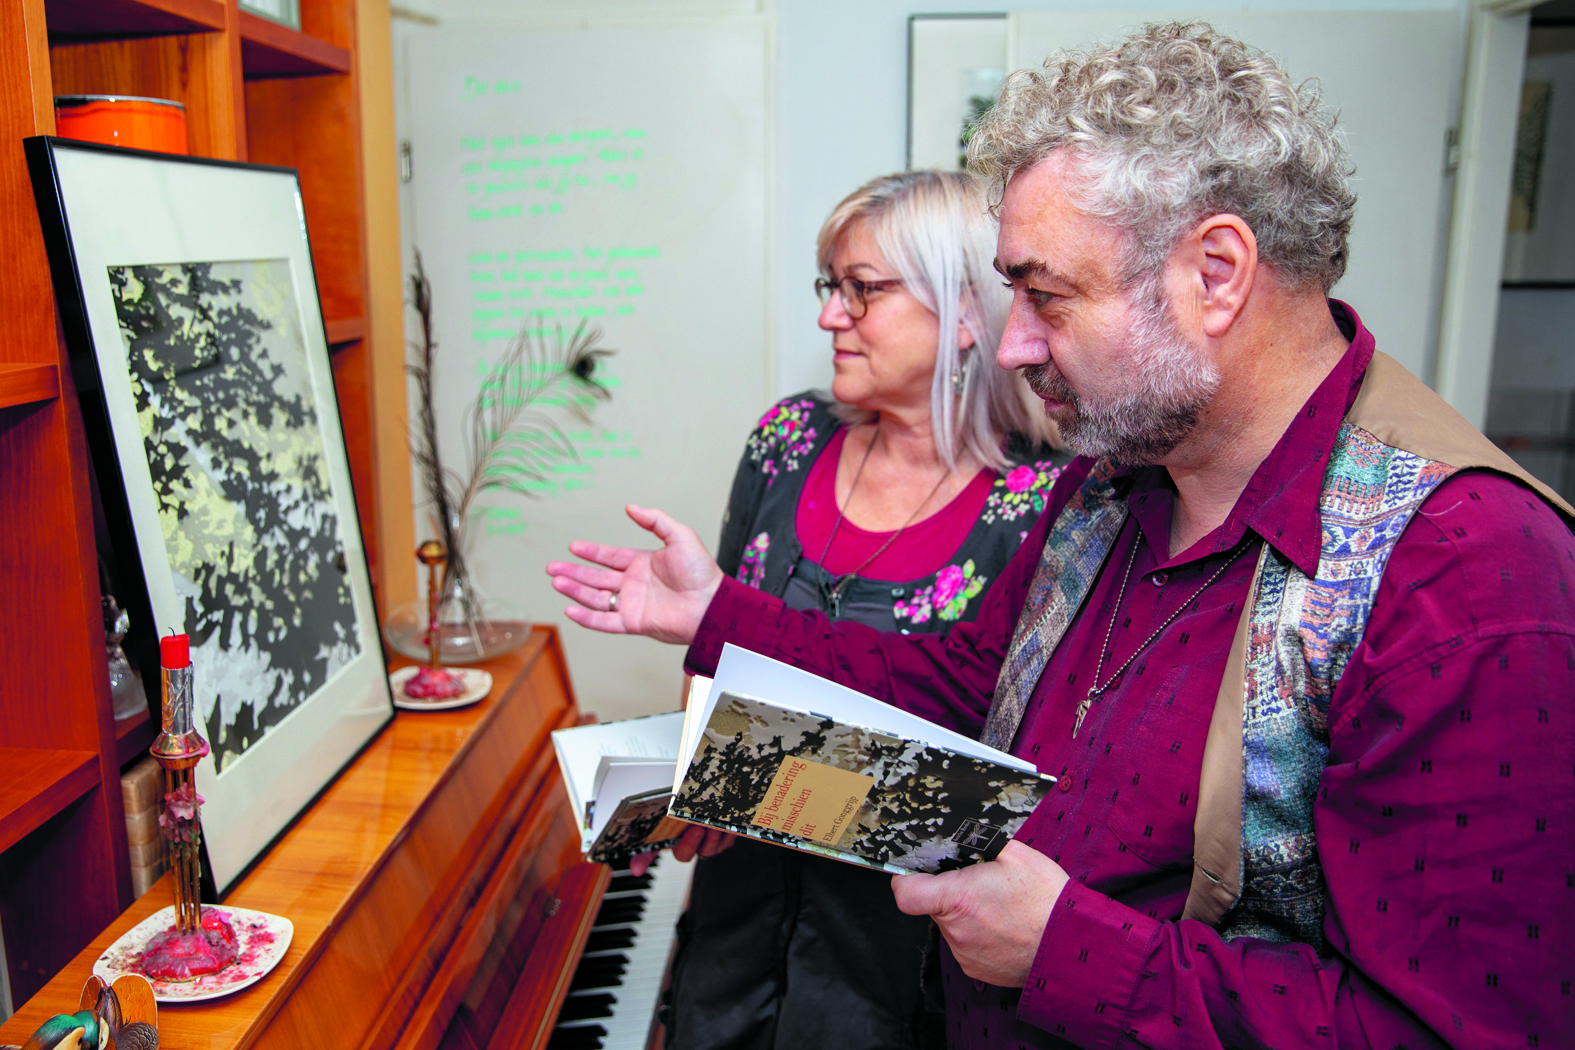 Elbert en Conny kijken even naar het schilderij waar de voorpagina van de bundel staat afgebeeld. (Foto's: Vincent de Vries/RM).